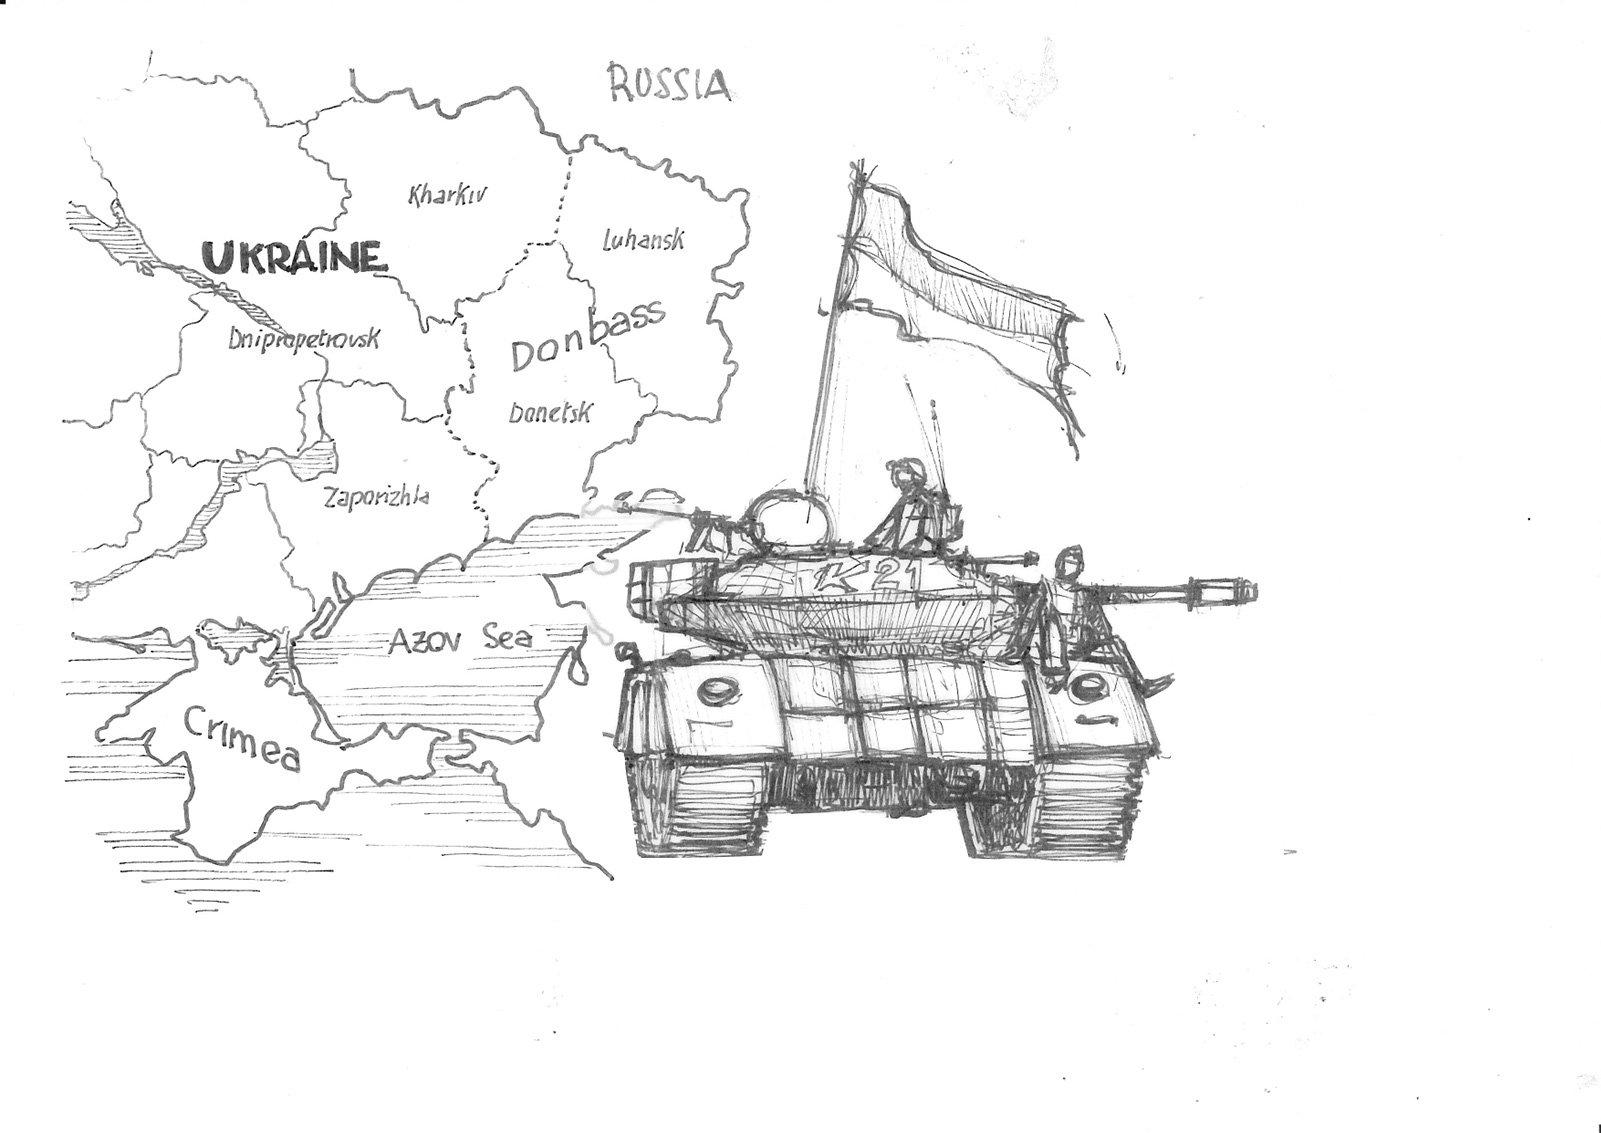 carro armato dell'esercito ucraino, sullo sfondo la carta del Donbass.